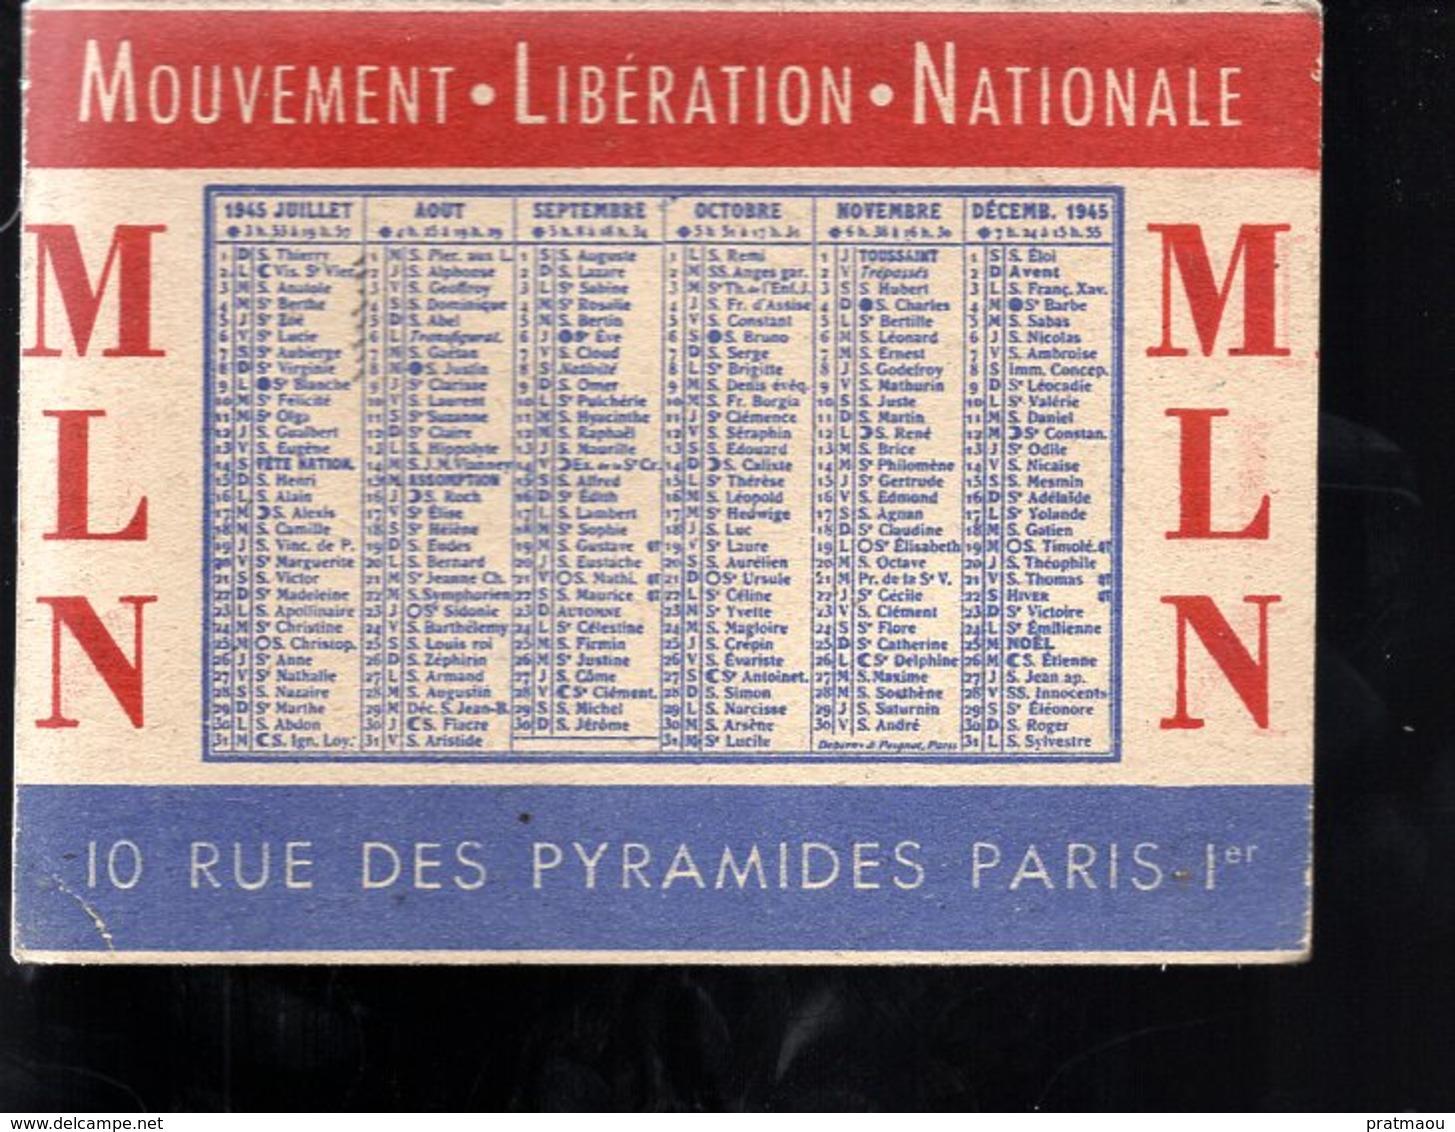 THMS DIV Calendrier 1945 M.L.N. Mouvement Libération Nationale Format 11x8 Cm - Tamaño Pequeño : 1941-60